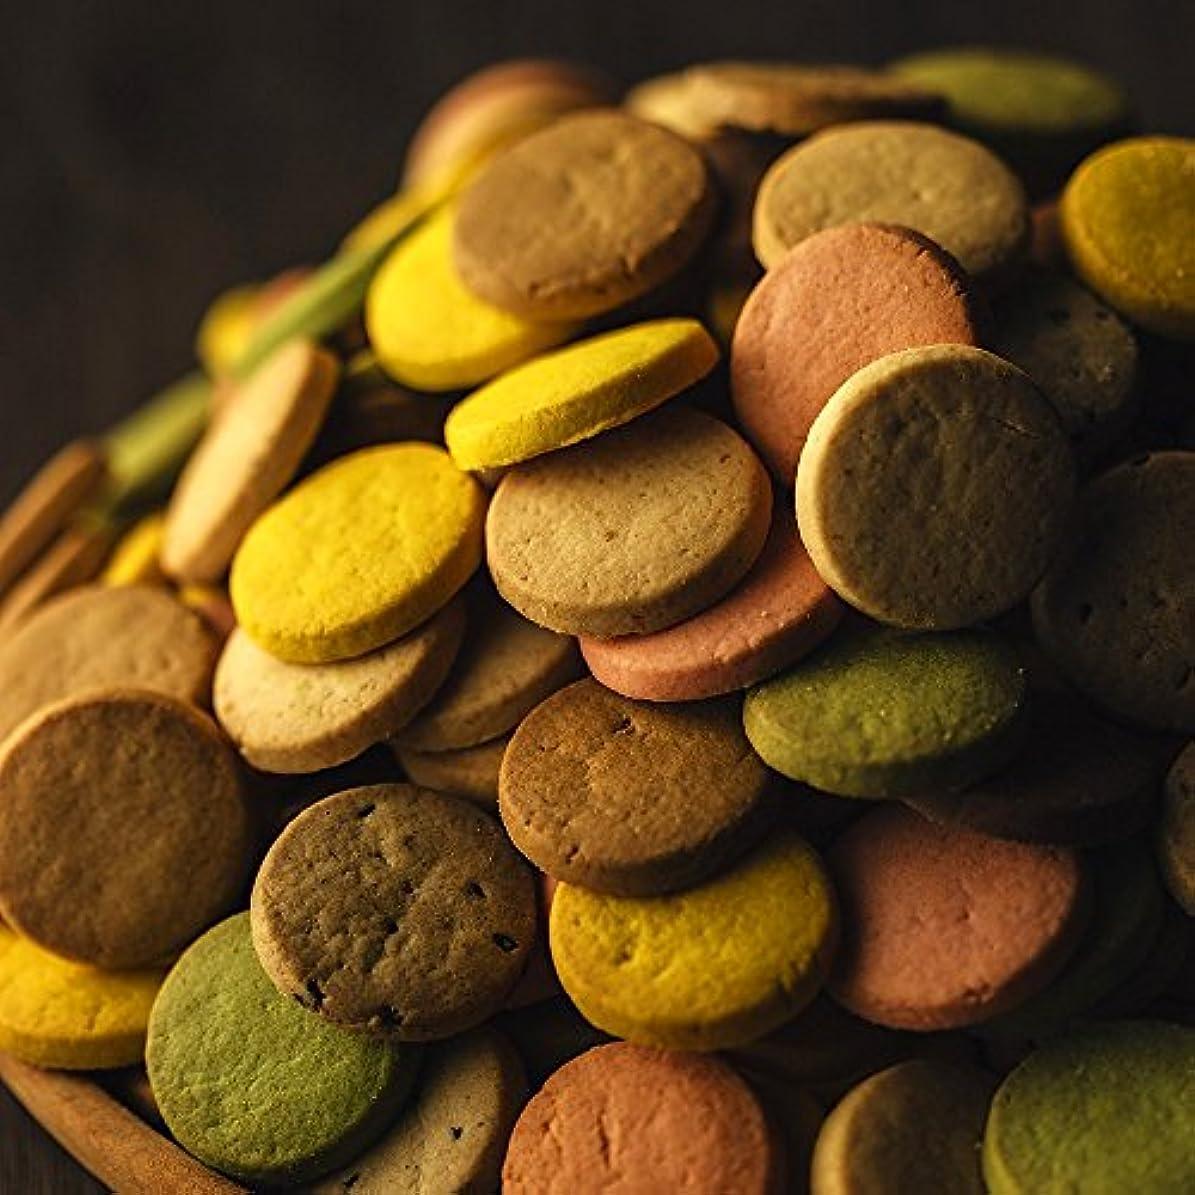 受け入れる神経衰弱小売豆乳おからクッキー蒟蒻マンナン入り 2kg